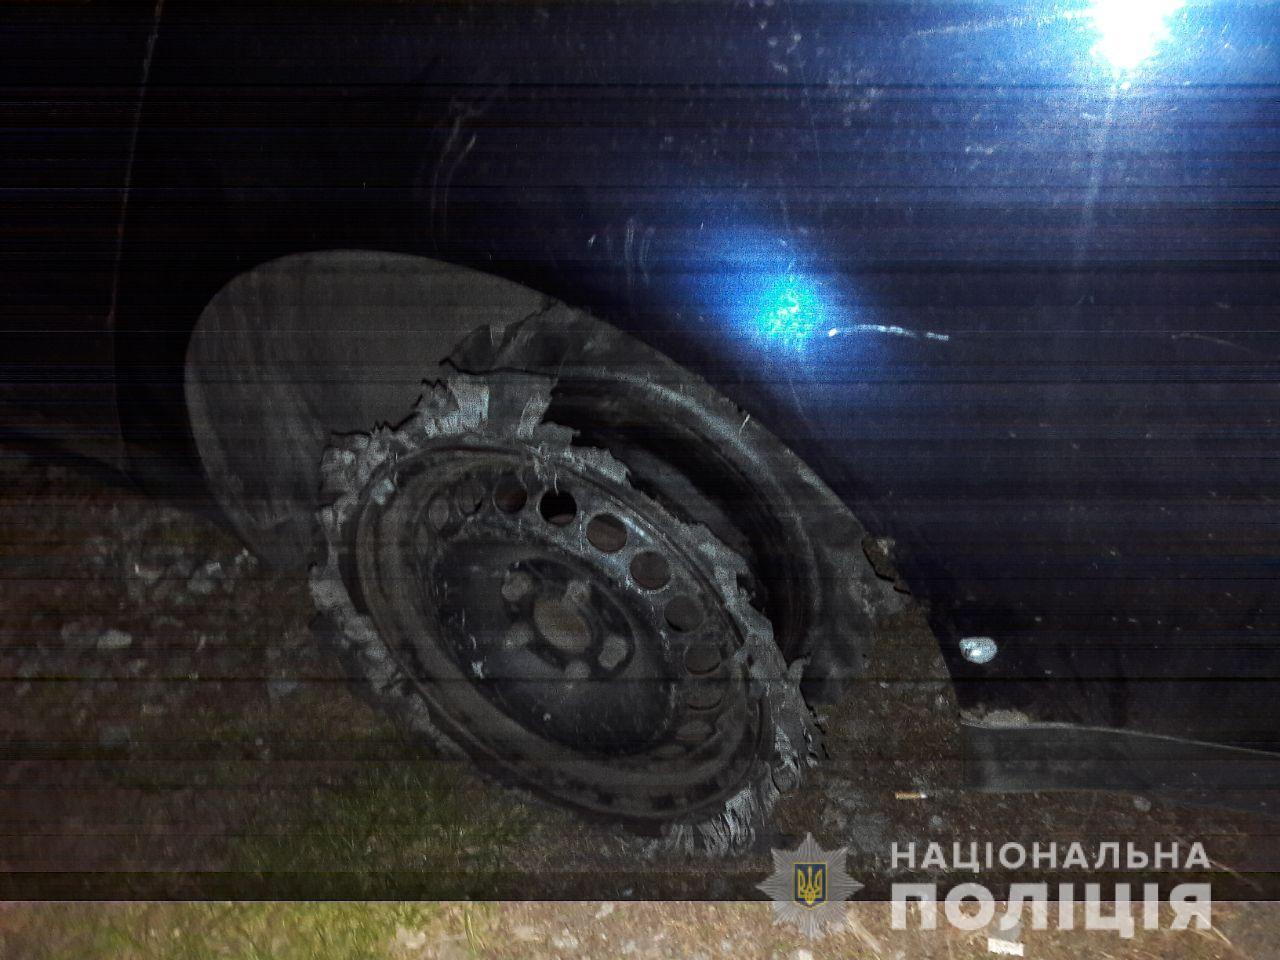 На Киевщине патрульные подстрелили автомобиль с пьяными водителем и пассажиром